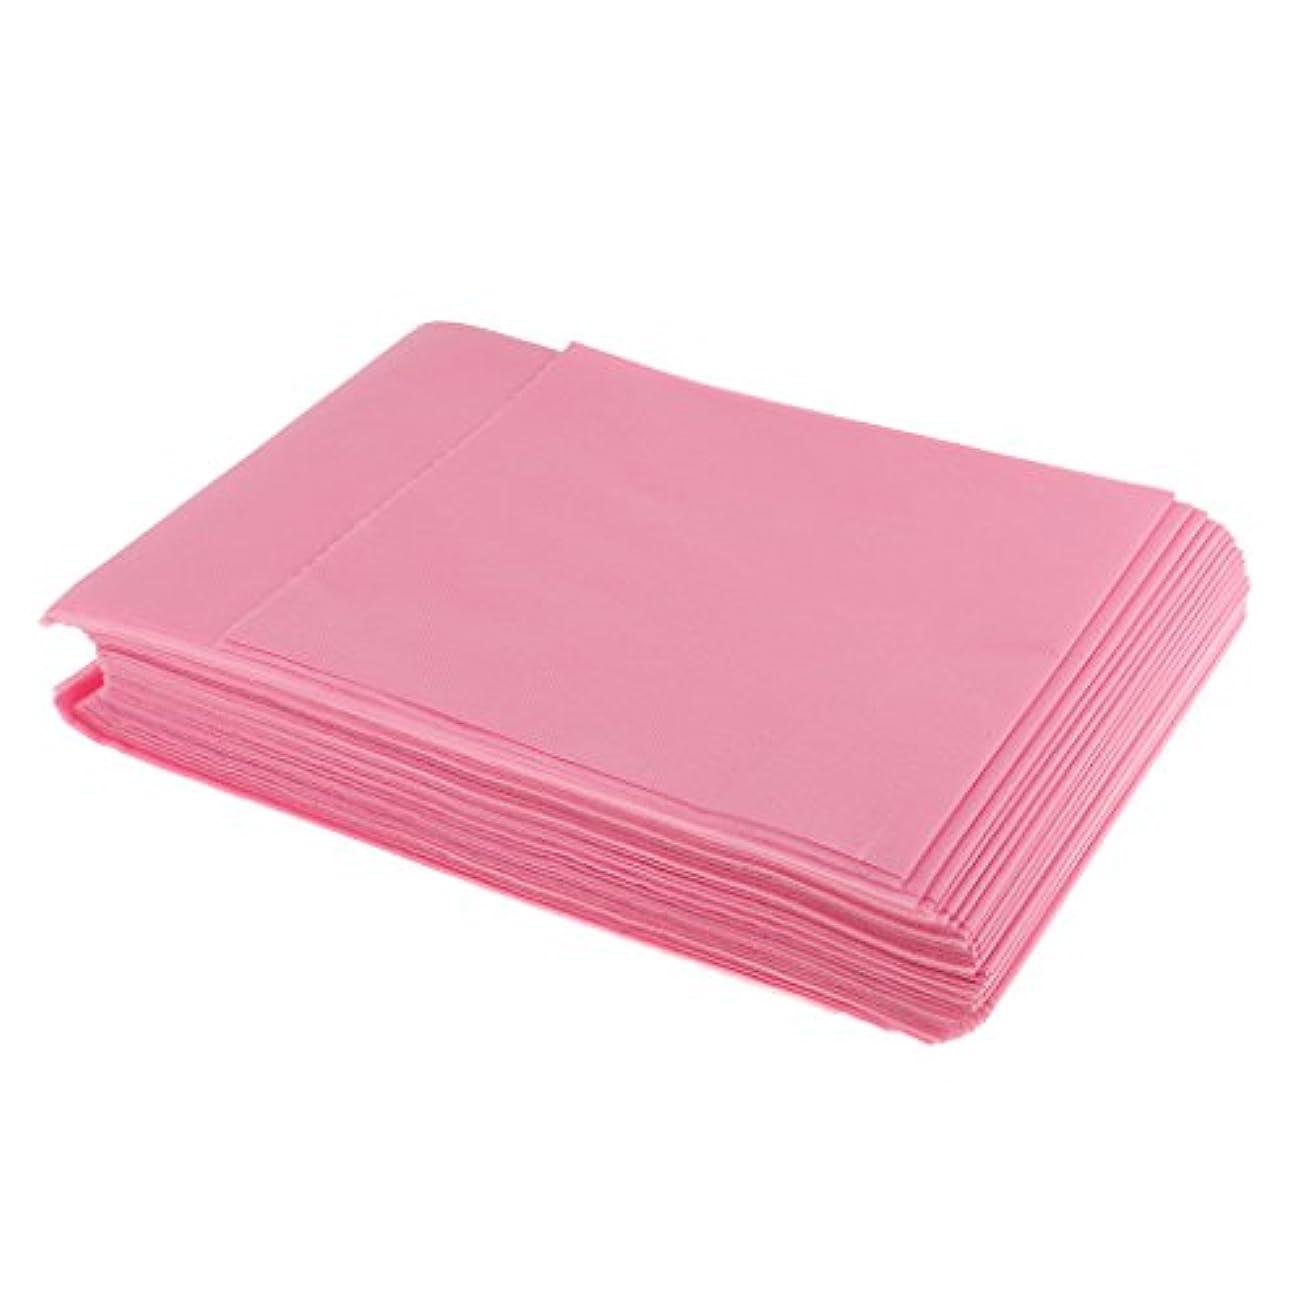 放出憤る配当SONONIA 使い捨て 美容室/マッサージ/サロン/ホテル ベッドパッド 無織PP 衛生シート 10枚 全3色選べ - ピンク